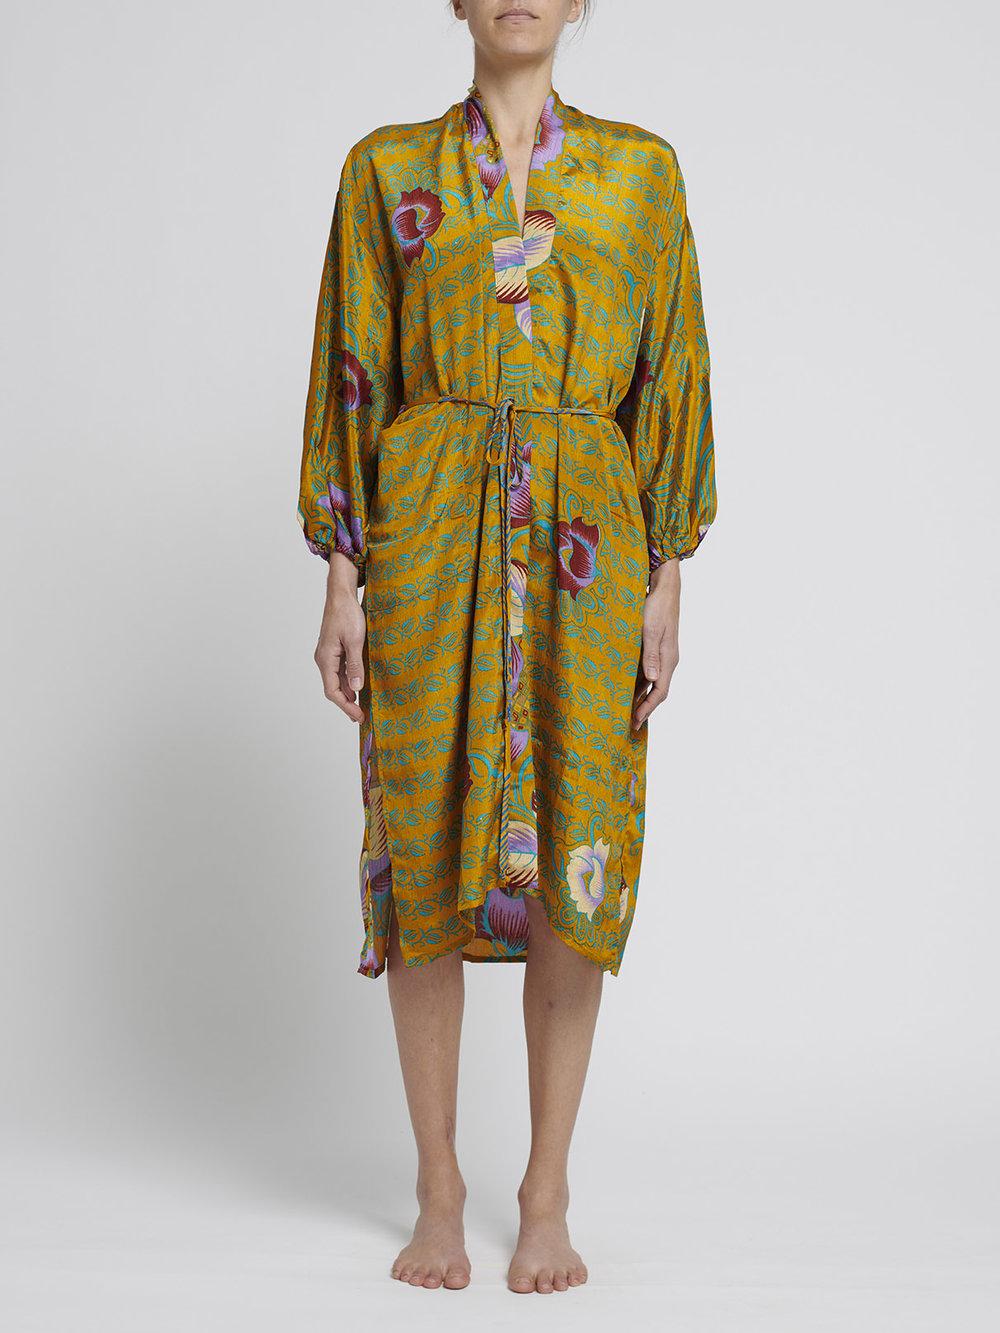 silk robe #2 from Silfir